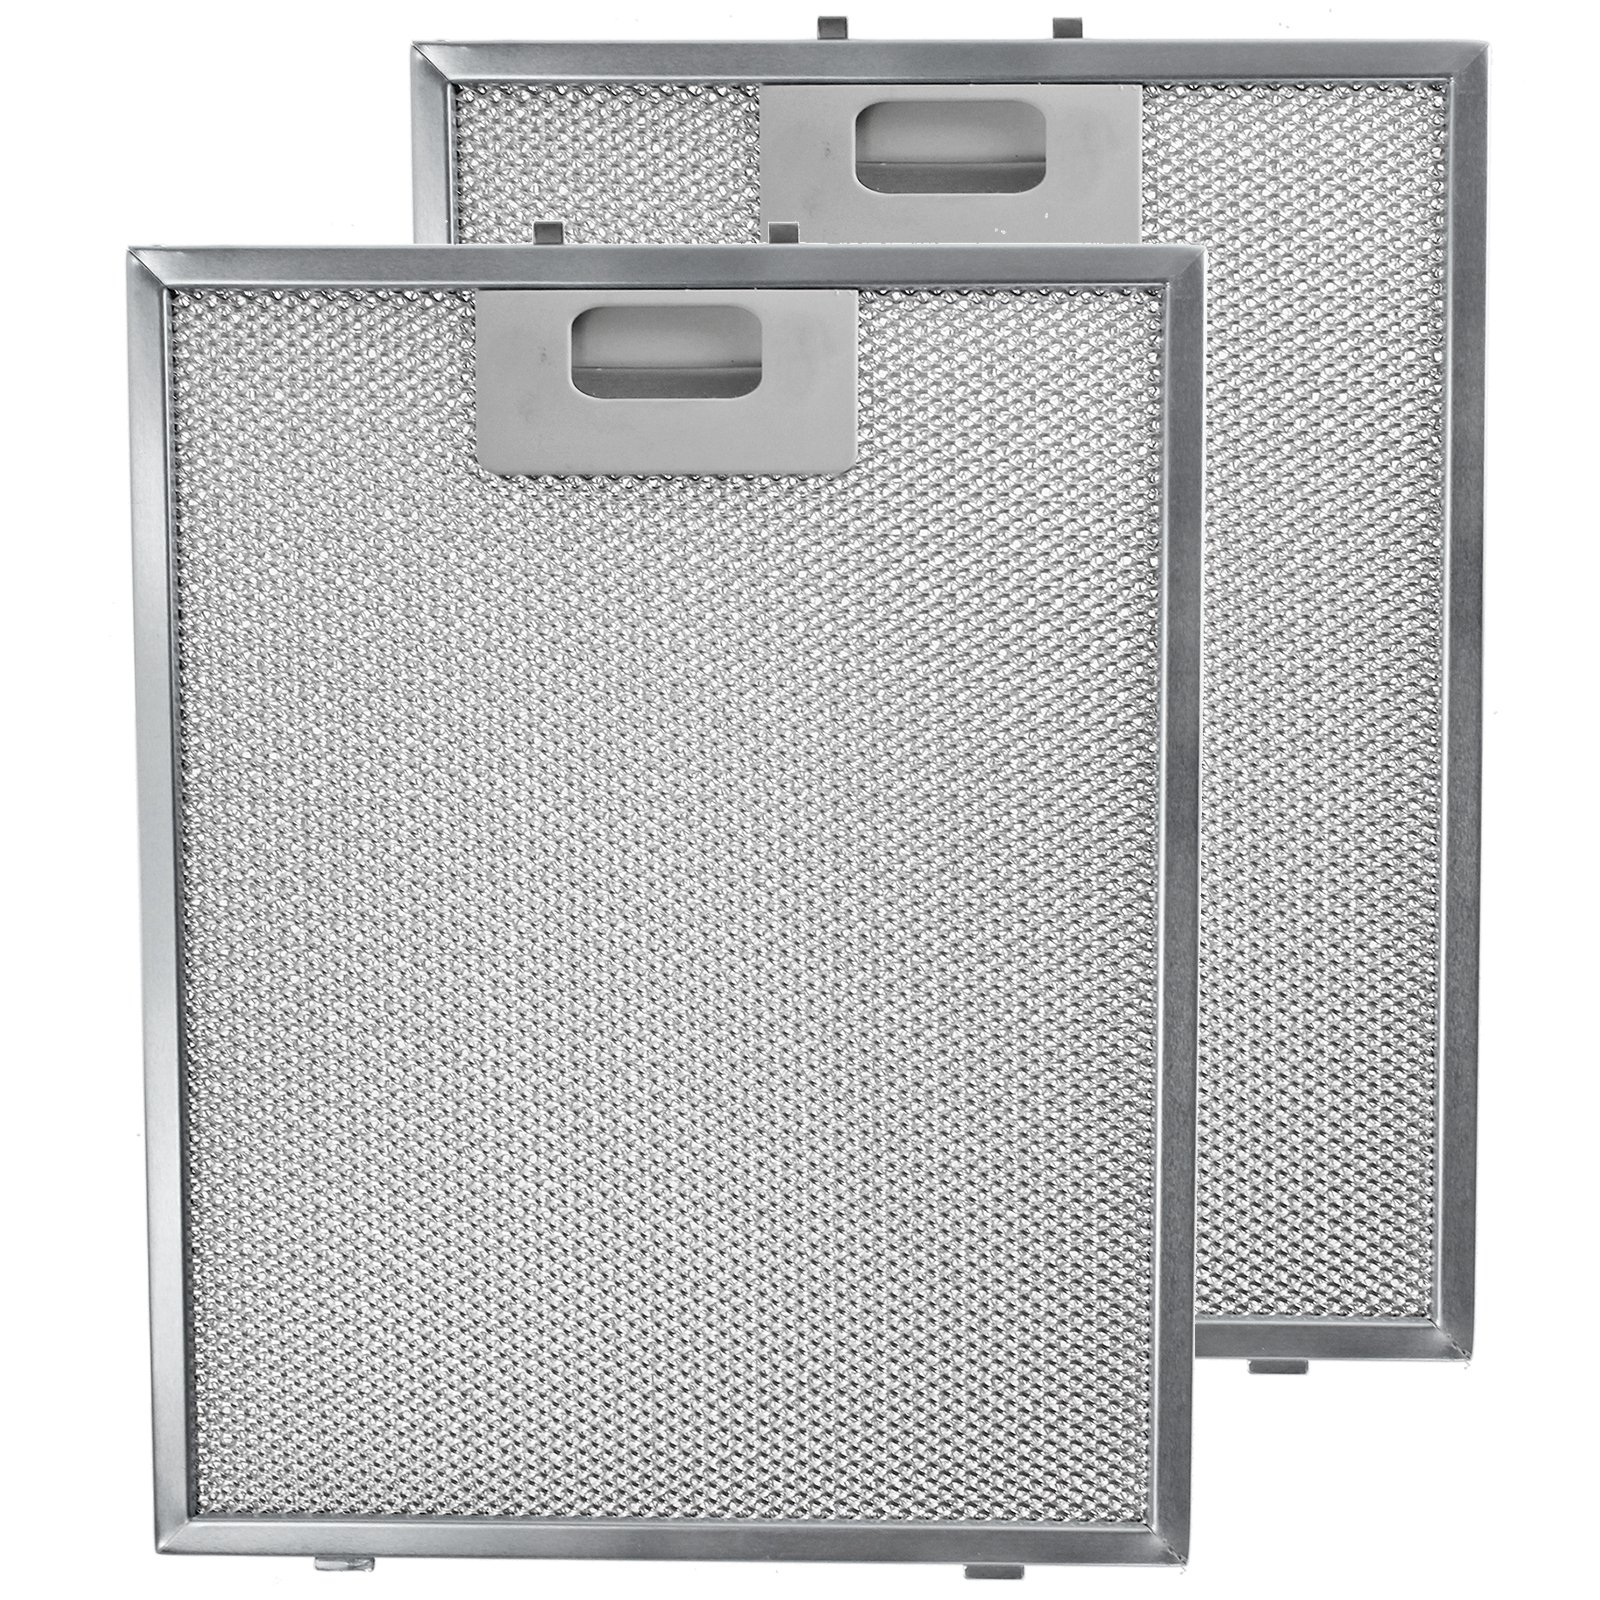 Spares2go filtro a rete metallica per Turboair cappa da cucina/Estrattore Vent (confezione da 2�fil